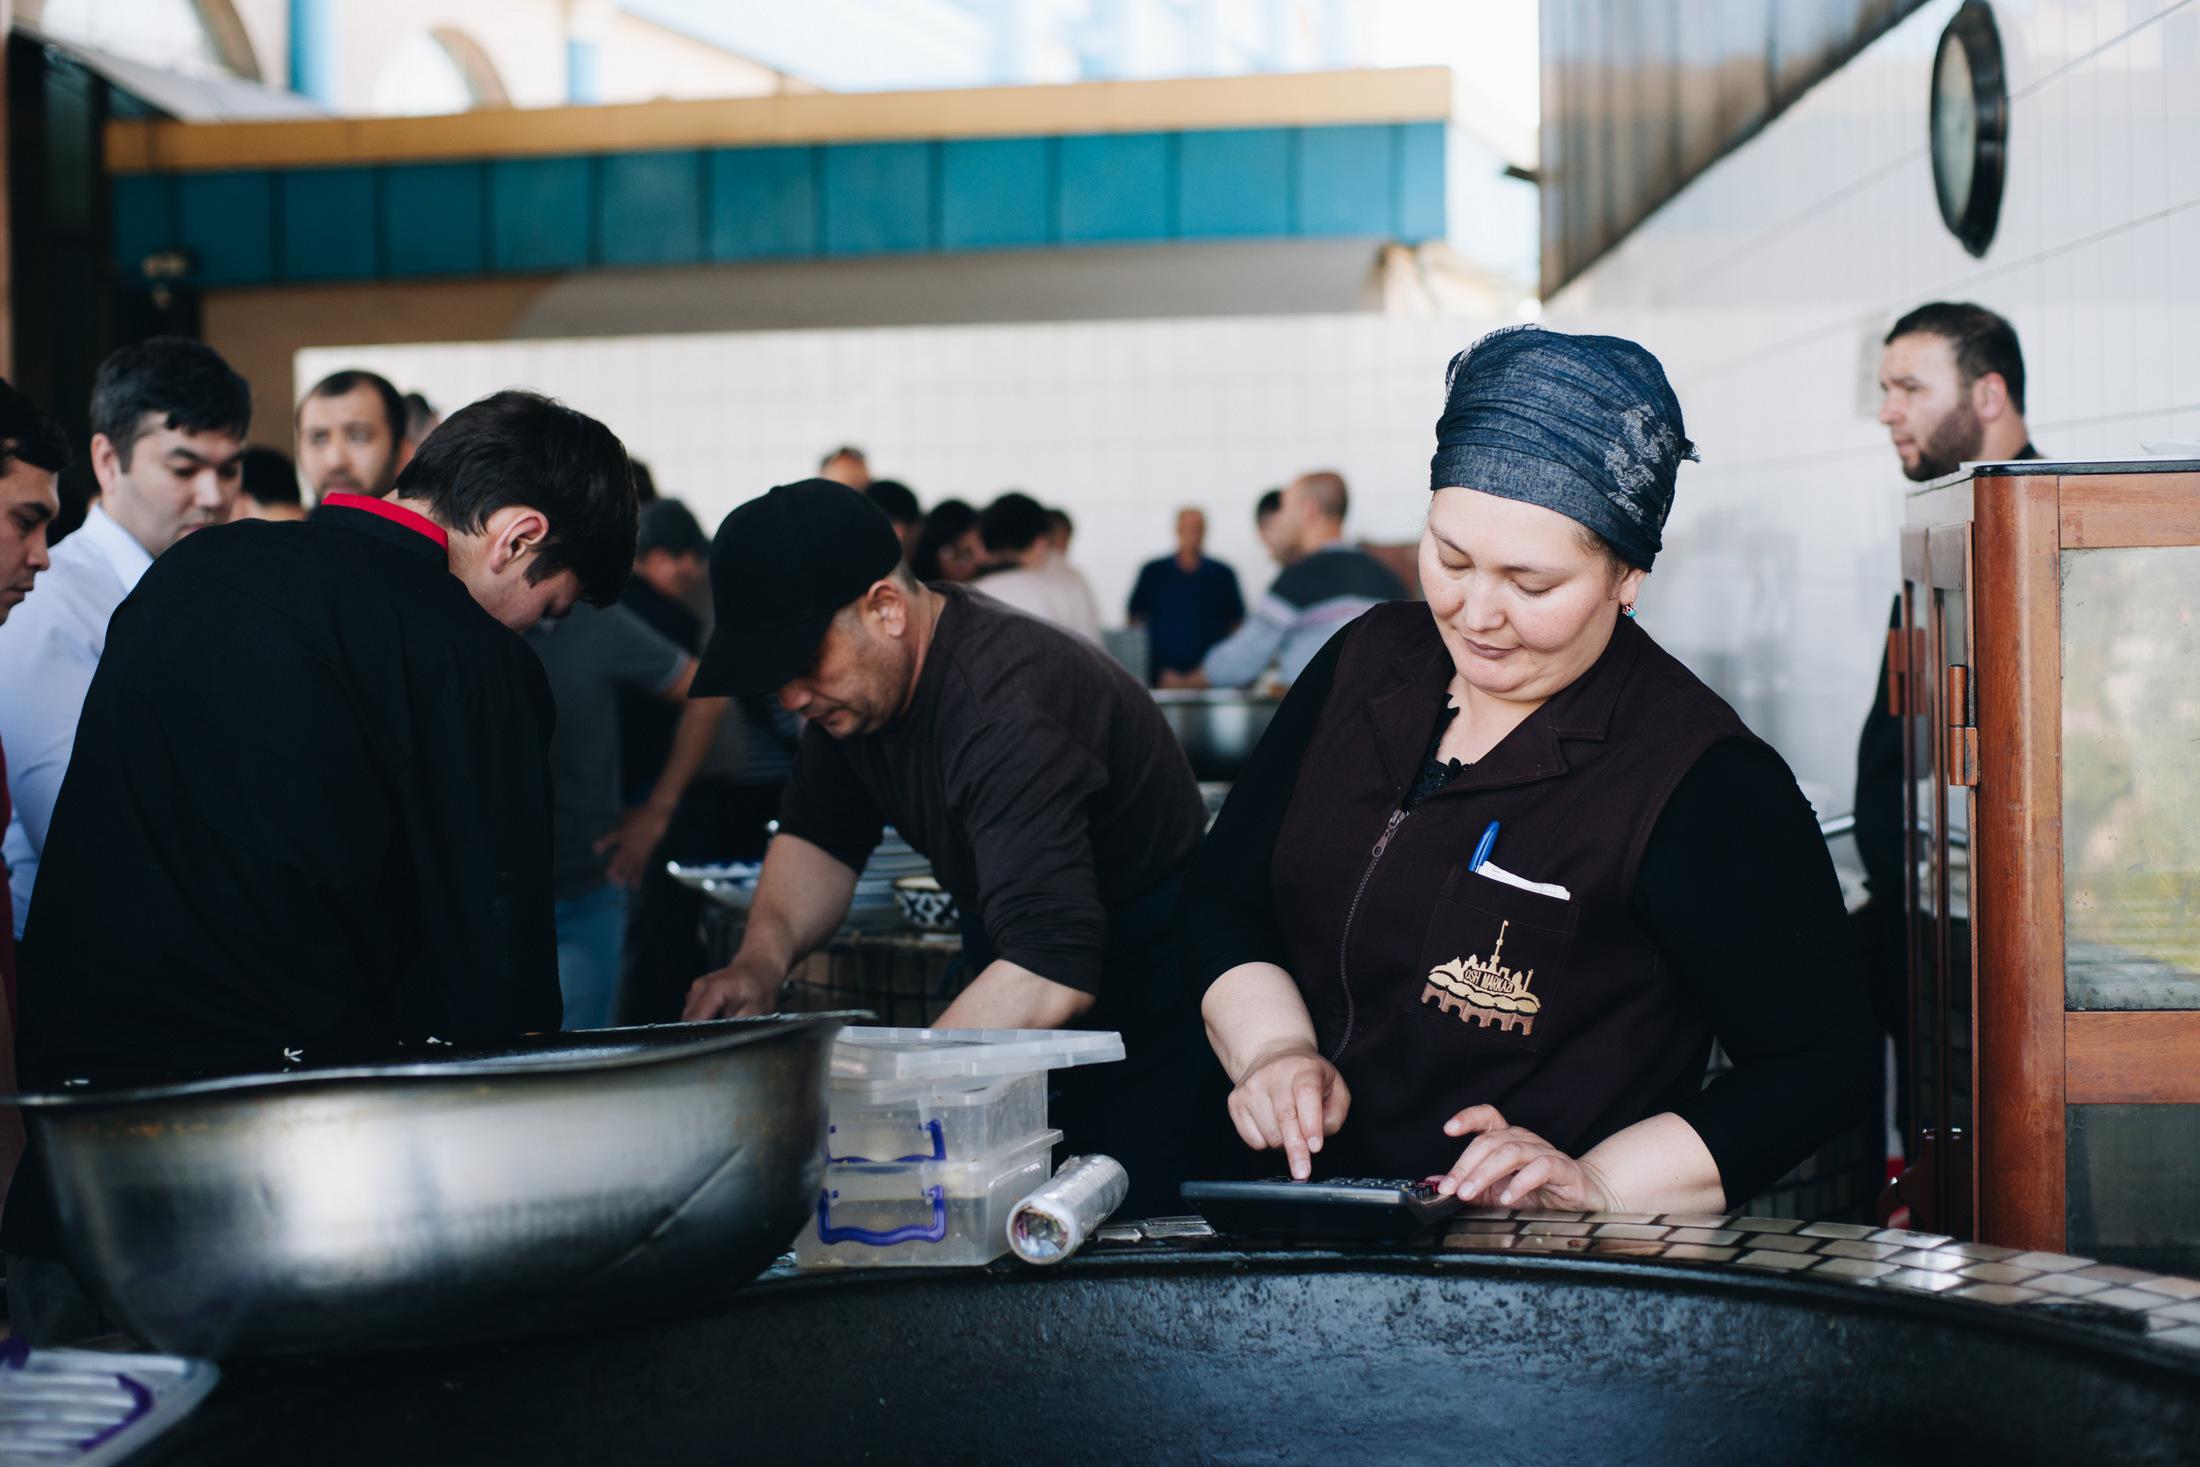 kuchnia uzbecka plov centre taszkient